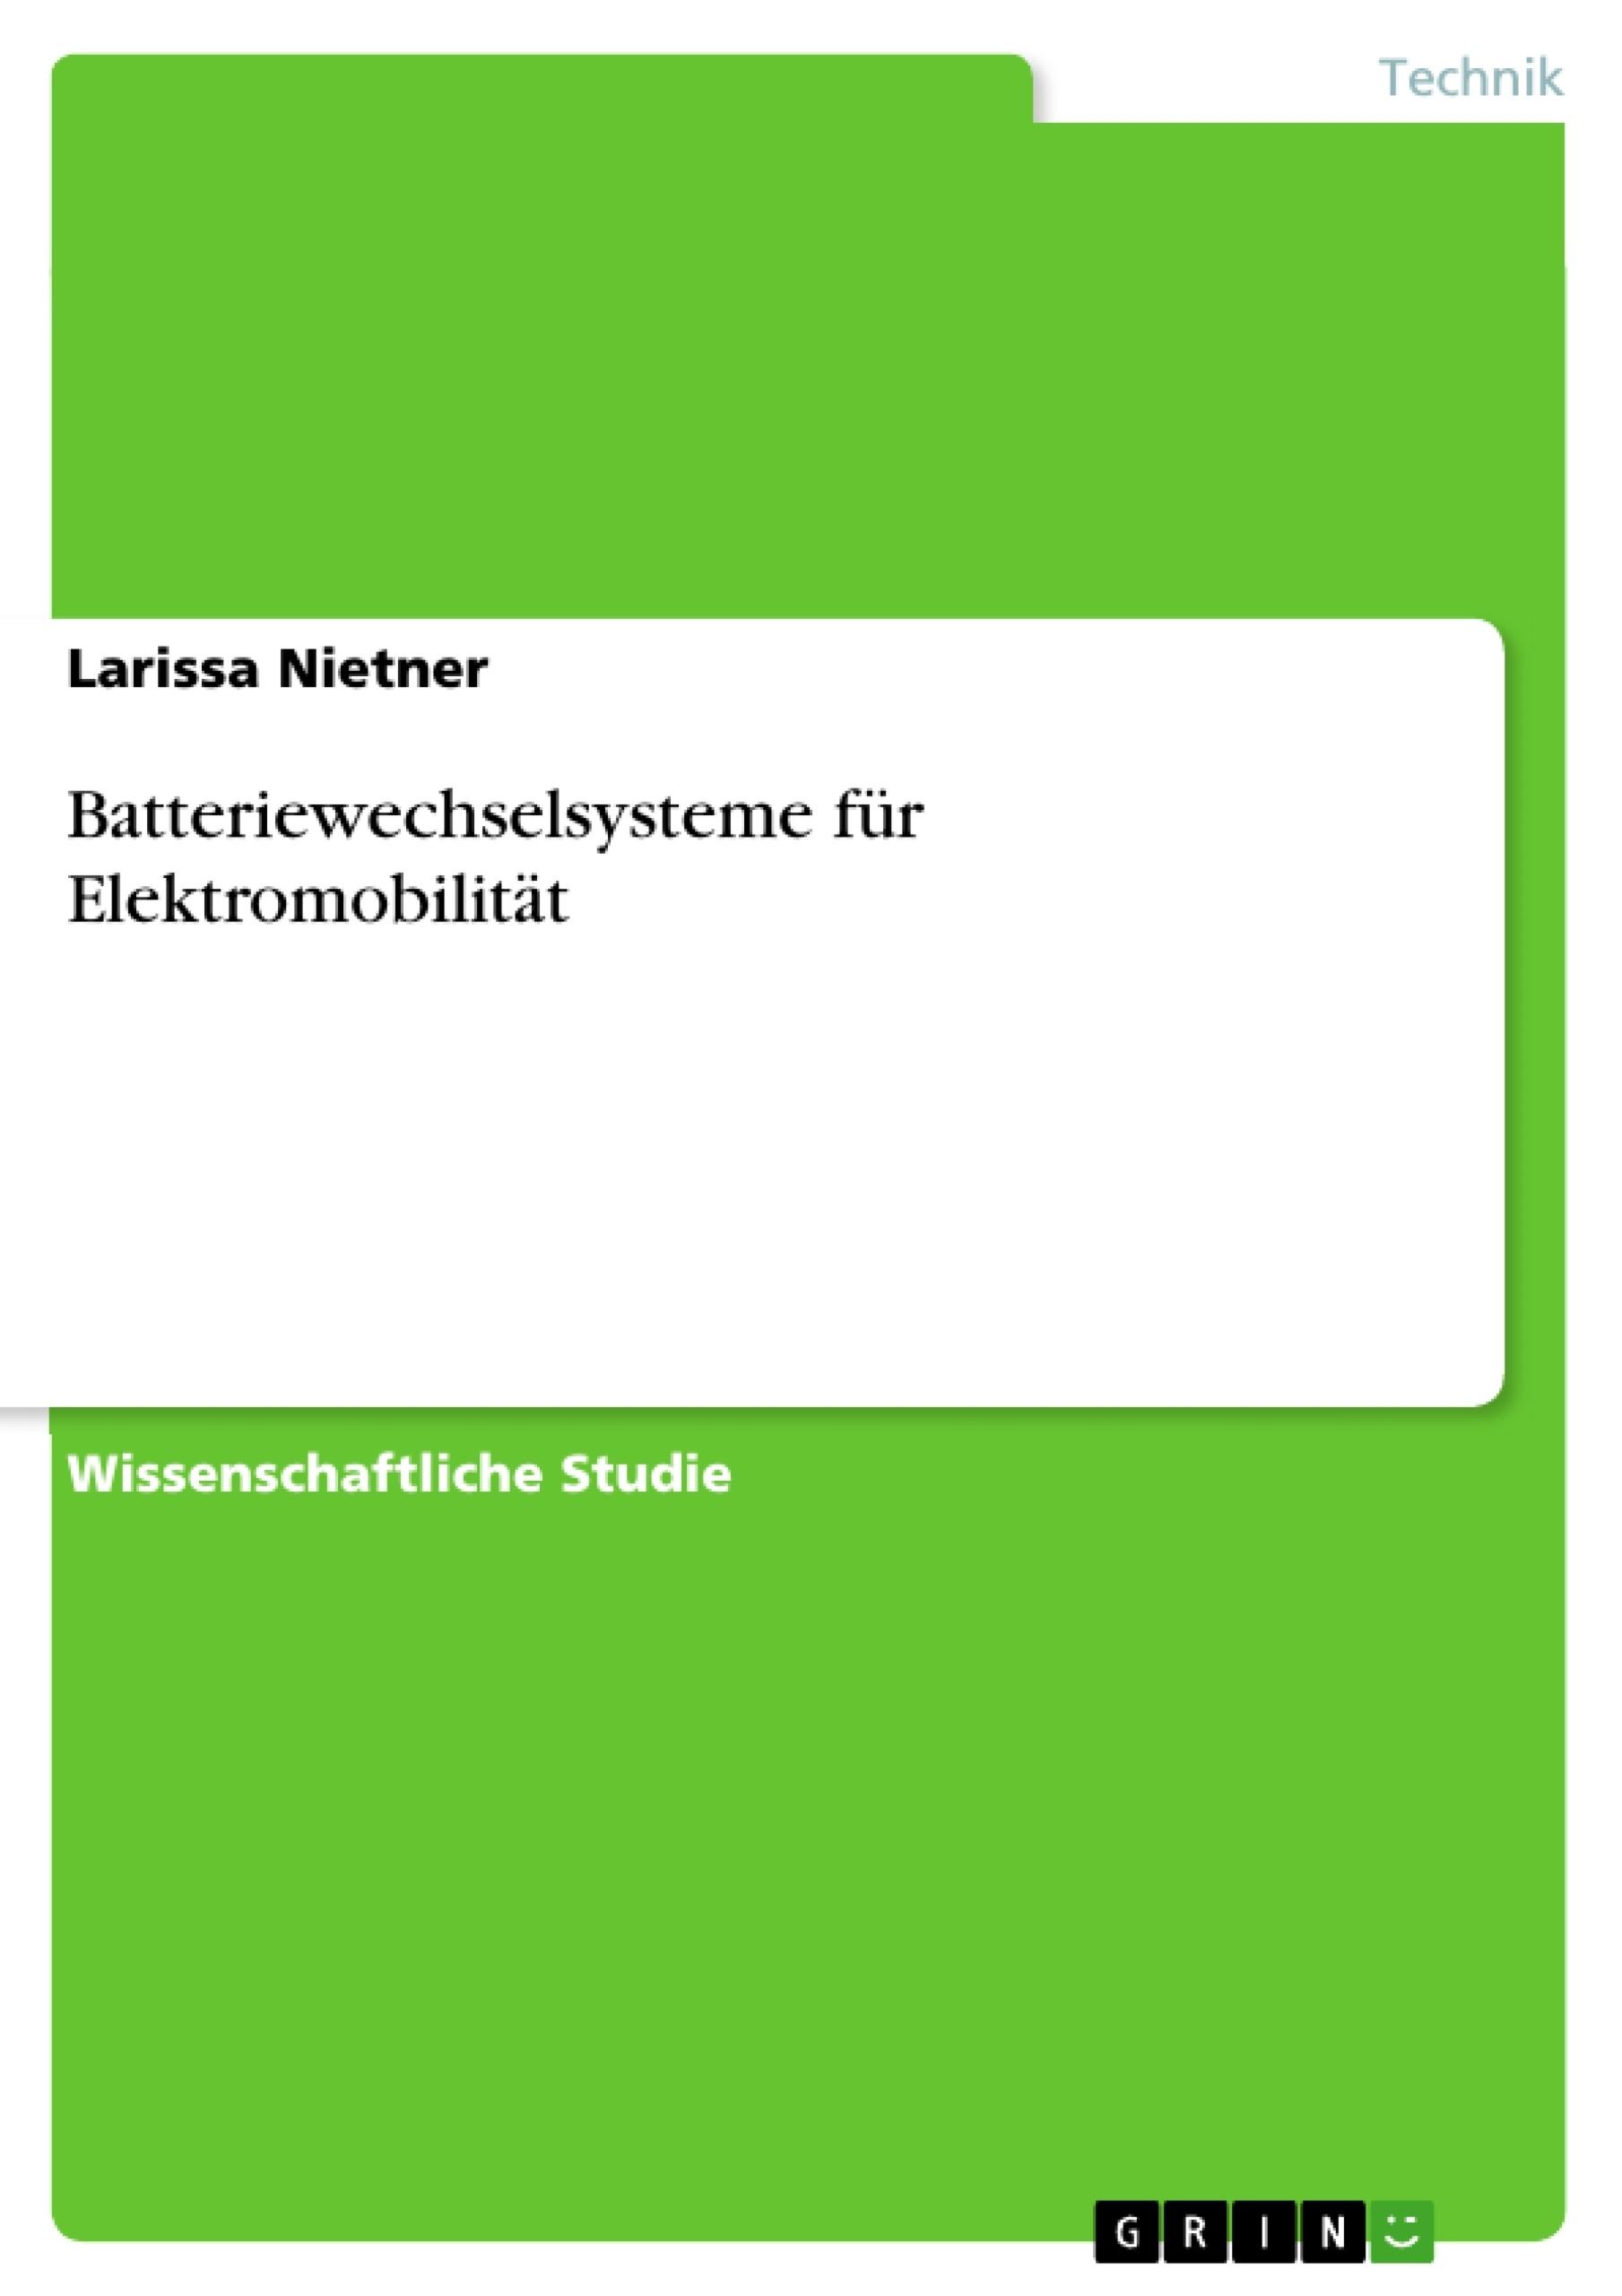 Titel: Batteriewechselsysteme für Elektromobilität